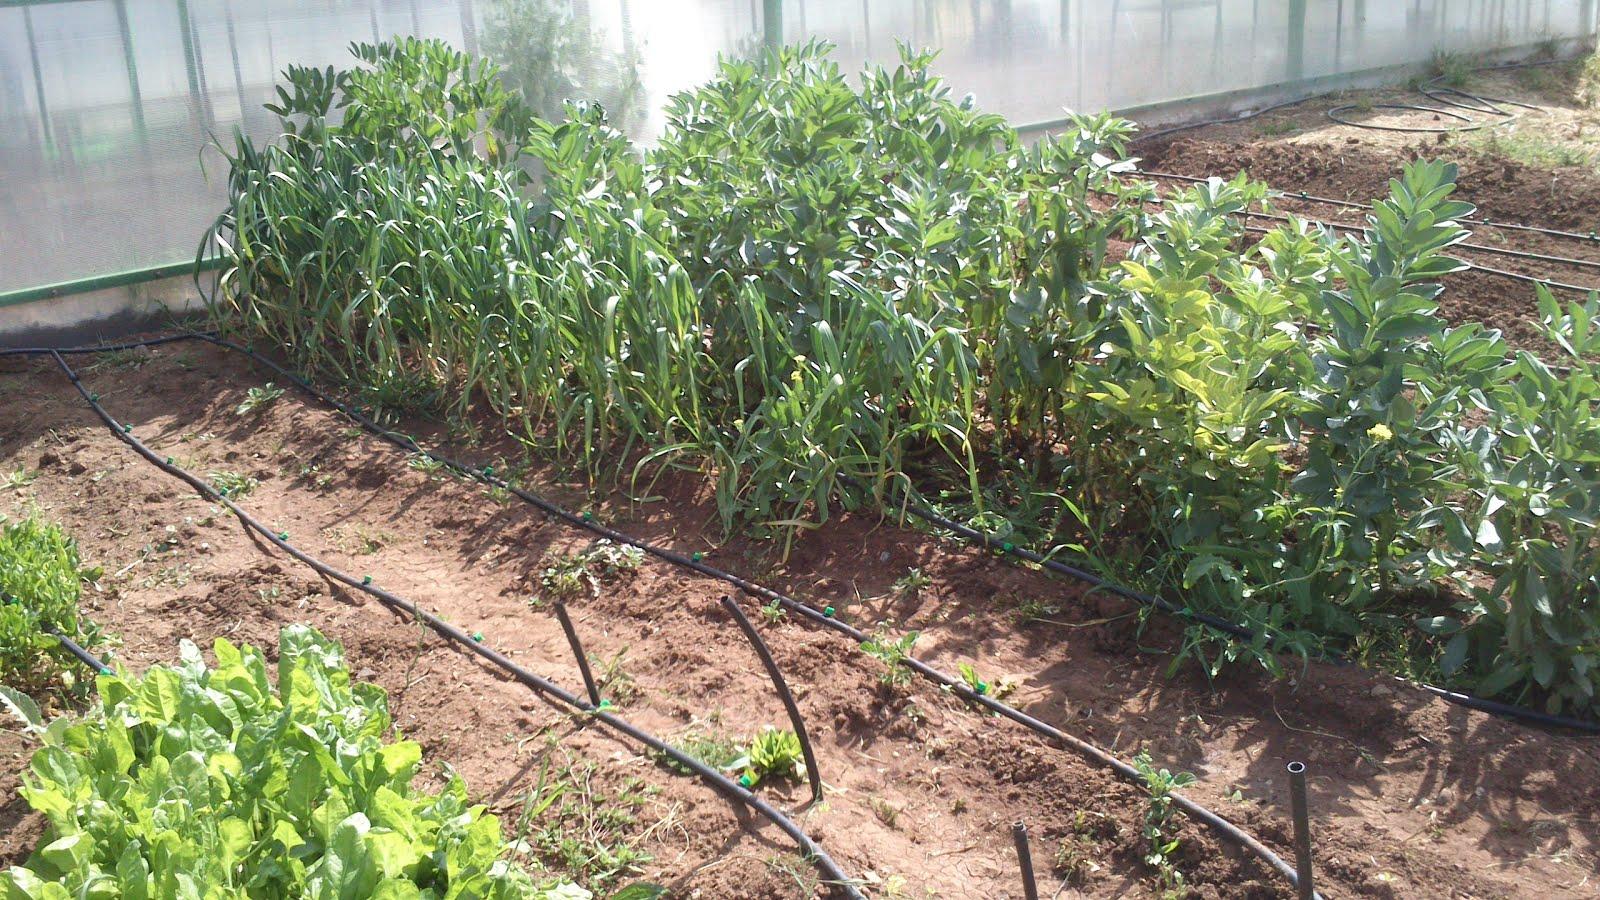 Huerineco instalando el sistema de riego por goteo for Riego por goteo pistachos